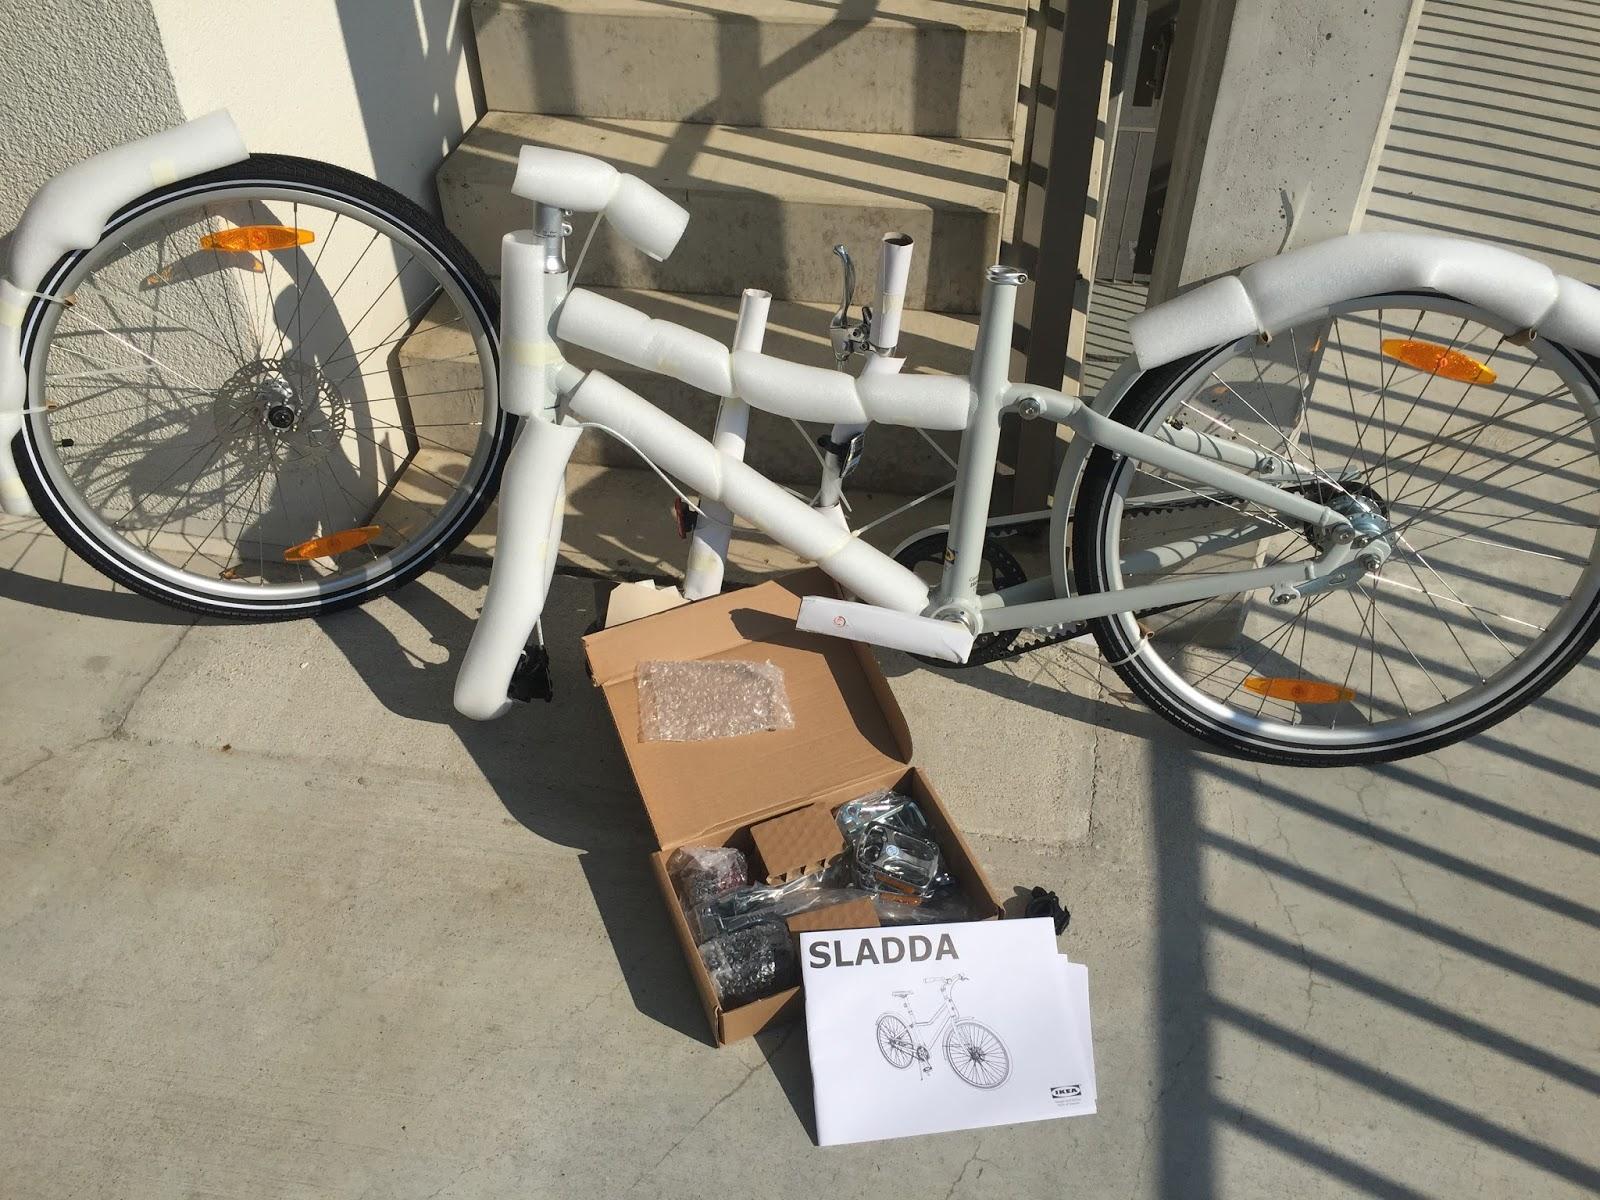 Ikea Fahrrad Test : st pedali sladda im test wie gut ist das ikea fahrrad ~ Orissabook.com Haus und Dekorationen